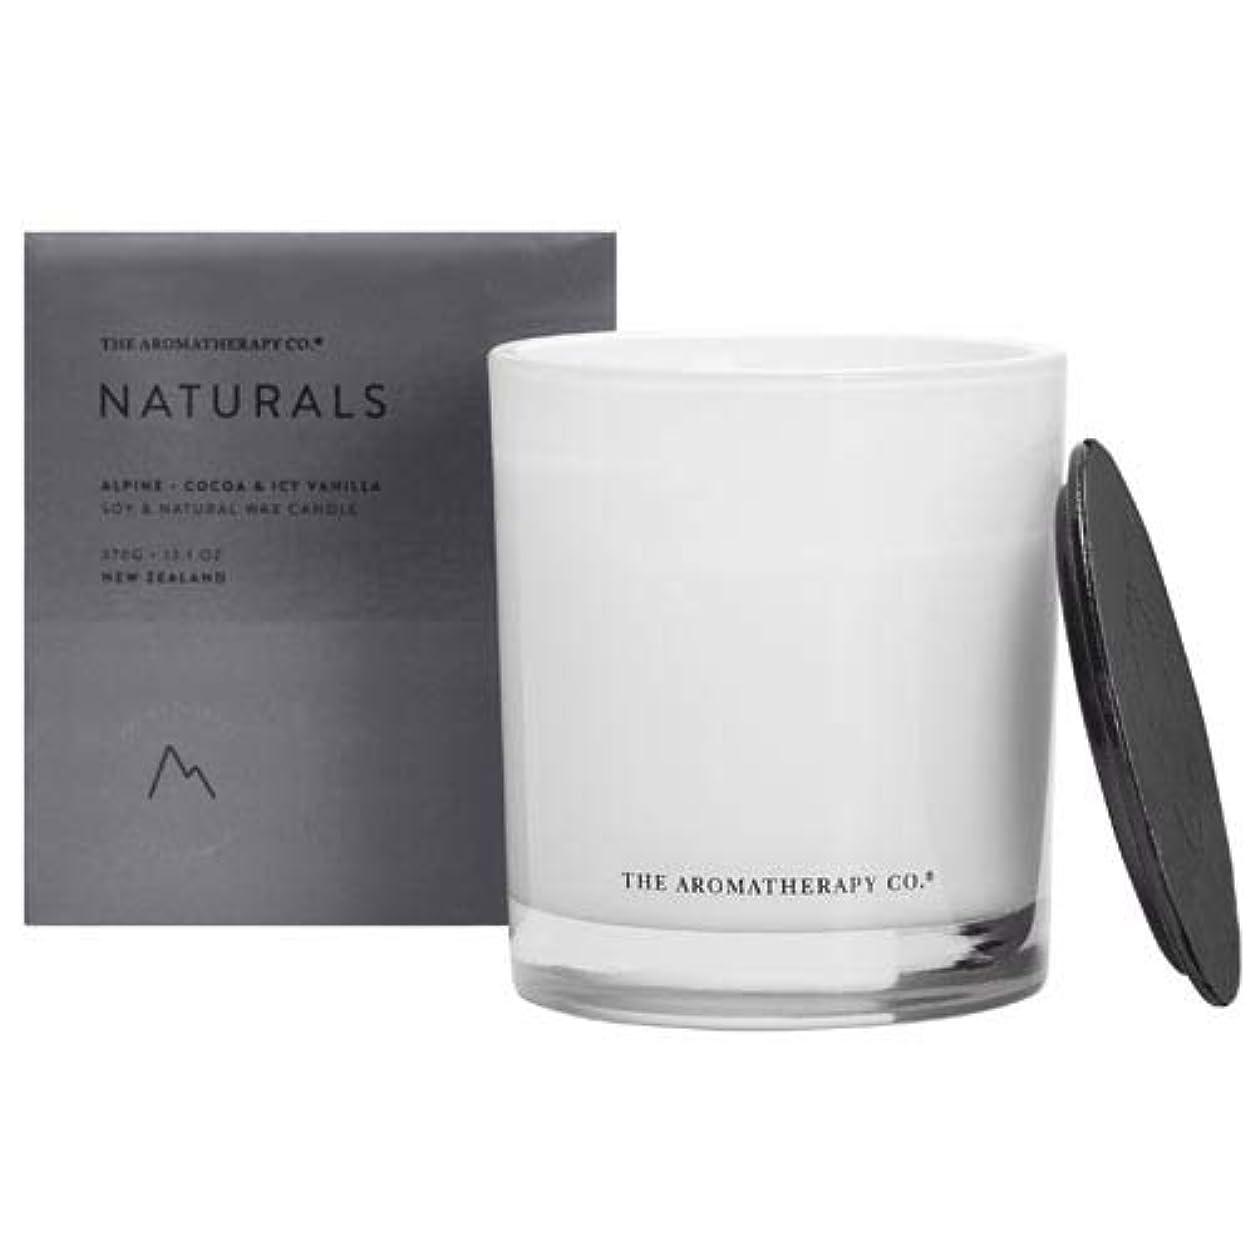 はぁ給料突然のアロマセラピーカンパニー(Aromatherapy Company) new NATURALS ナチュラルズ Candle キャンドル Alpine アルパイン(山) Cocoa & Icy Vanilla ココア&アイシーバニラ